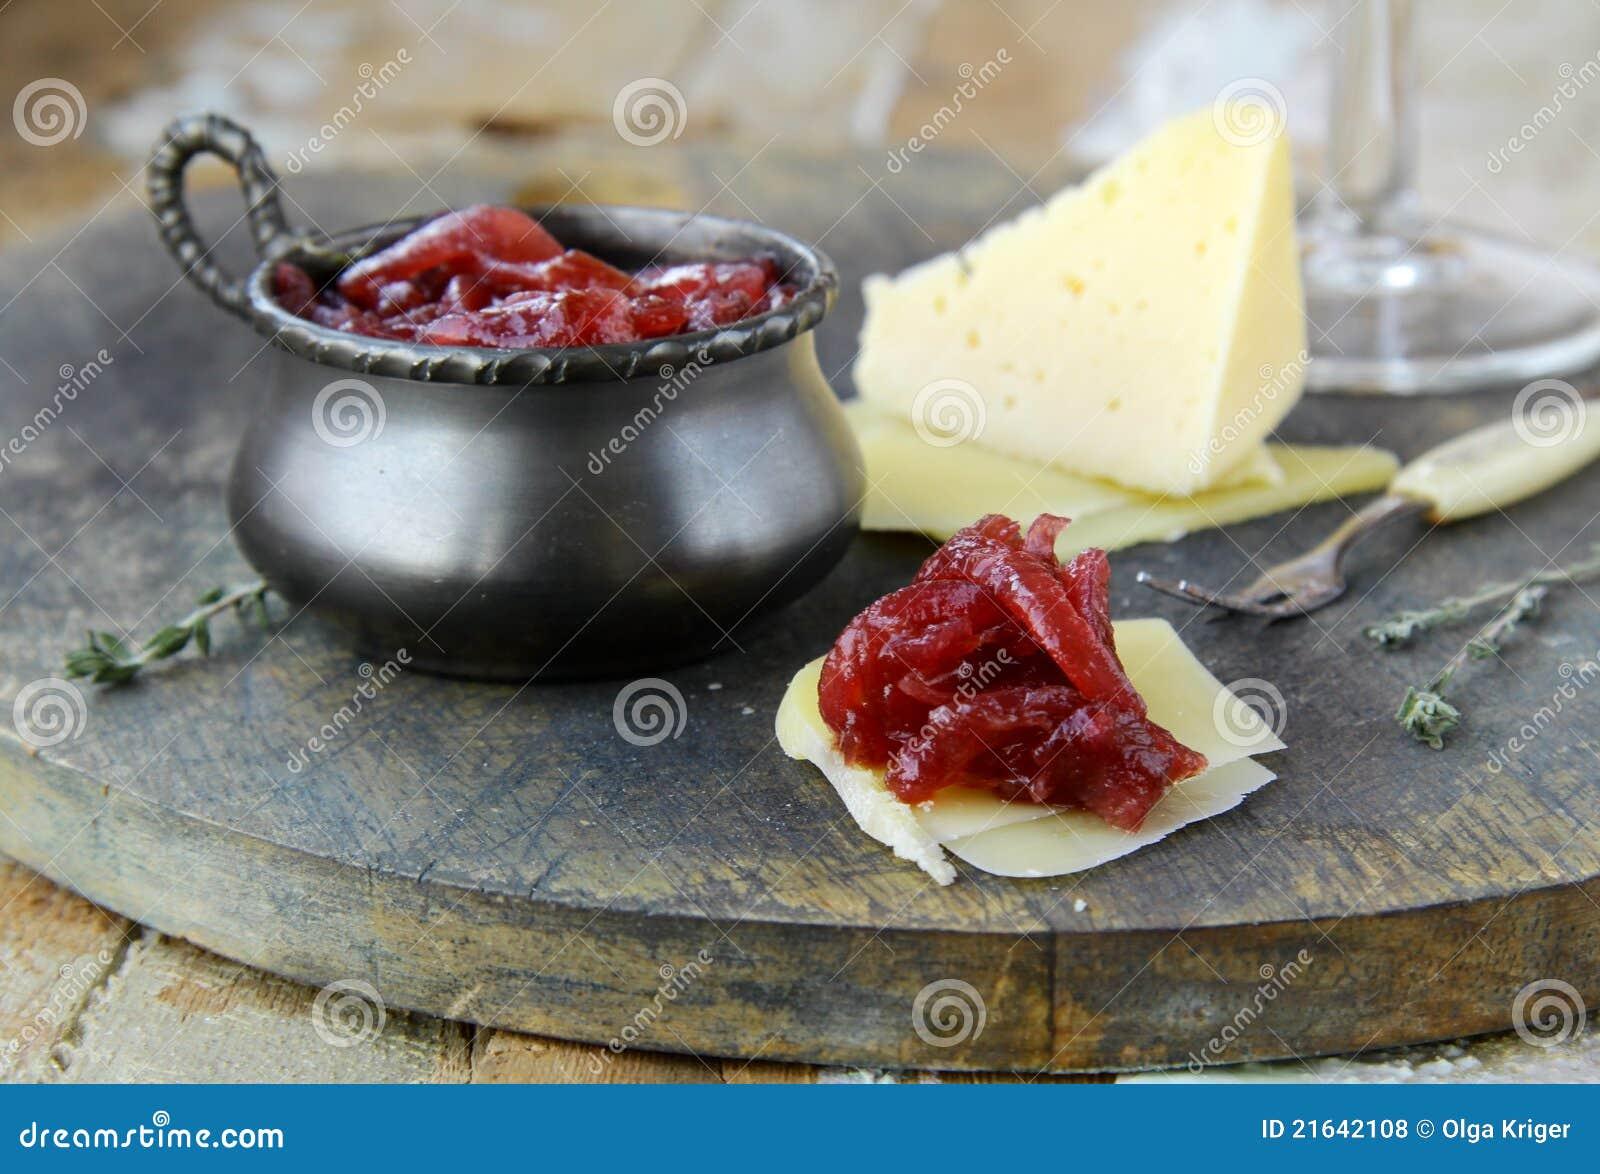 vorzügliche französische küche stockfoto - bild: 40859158